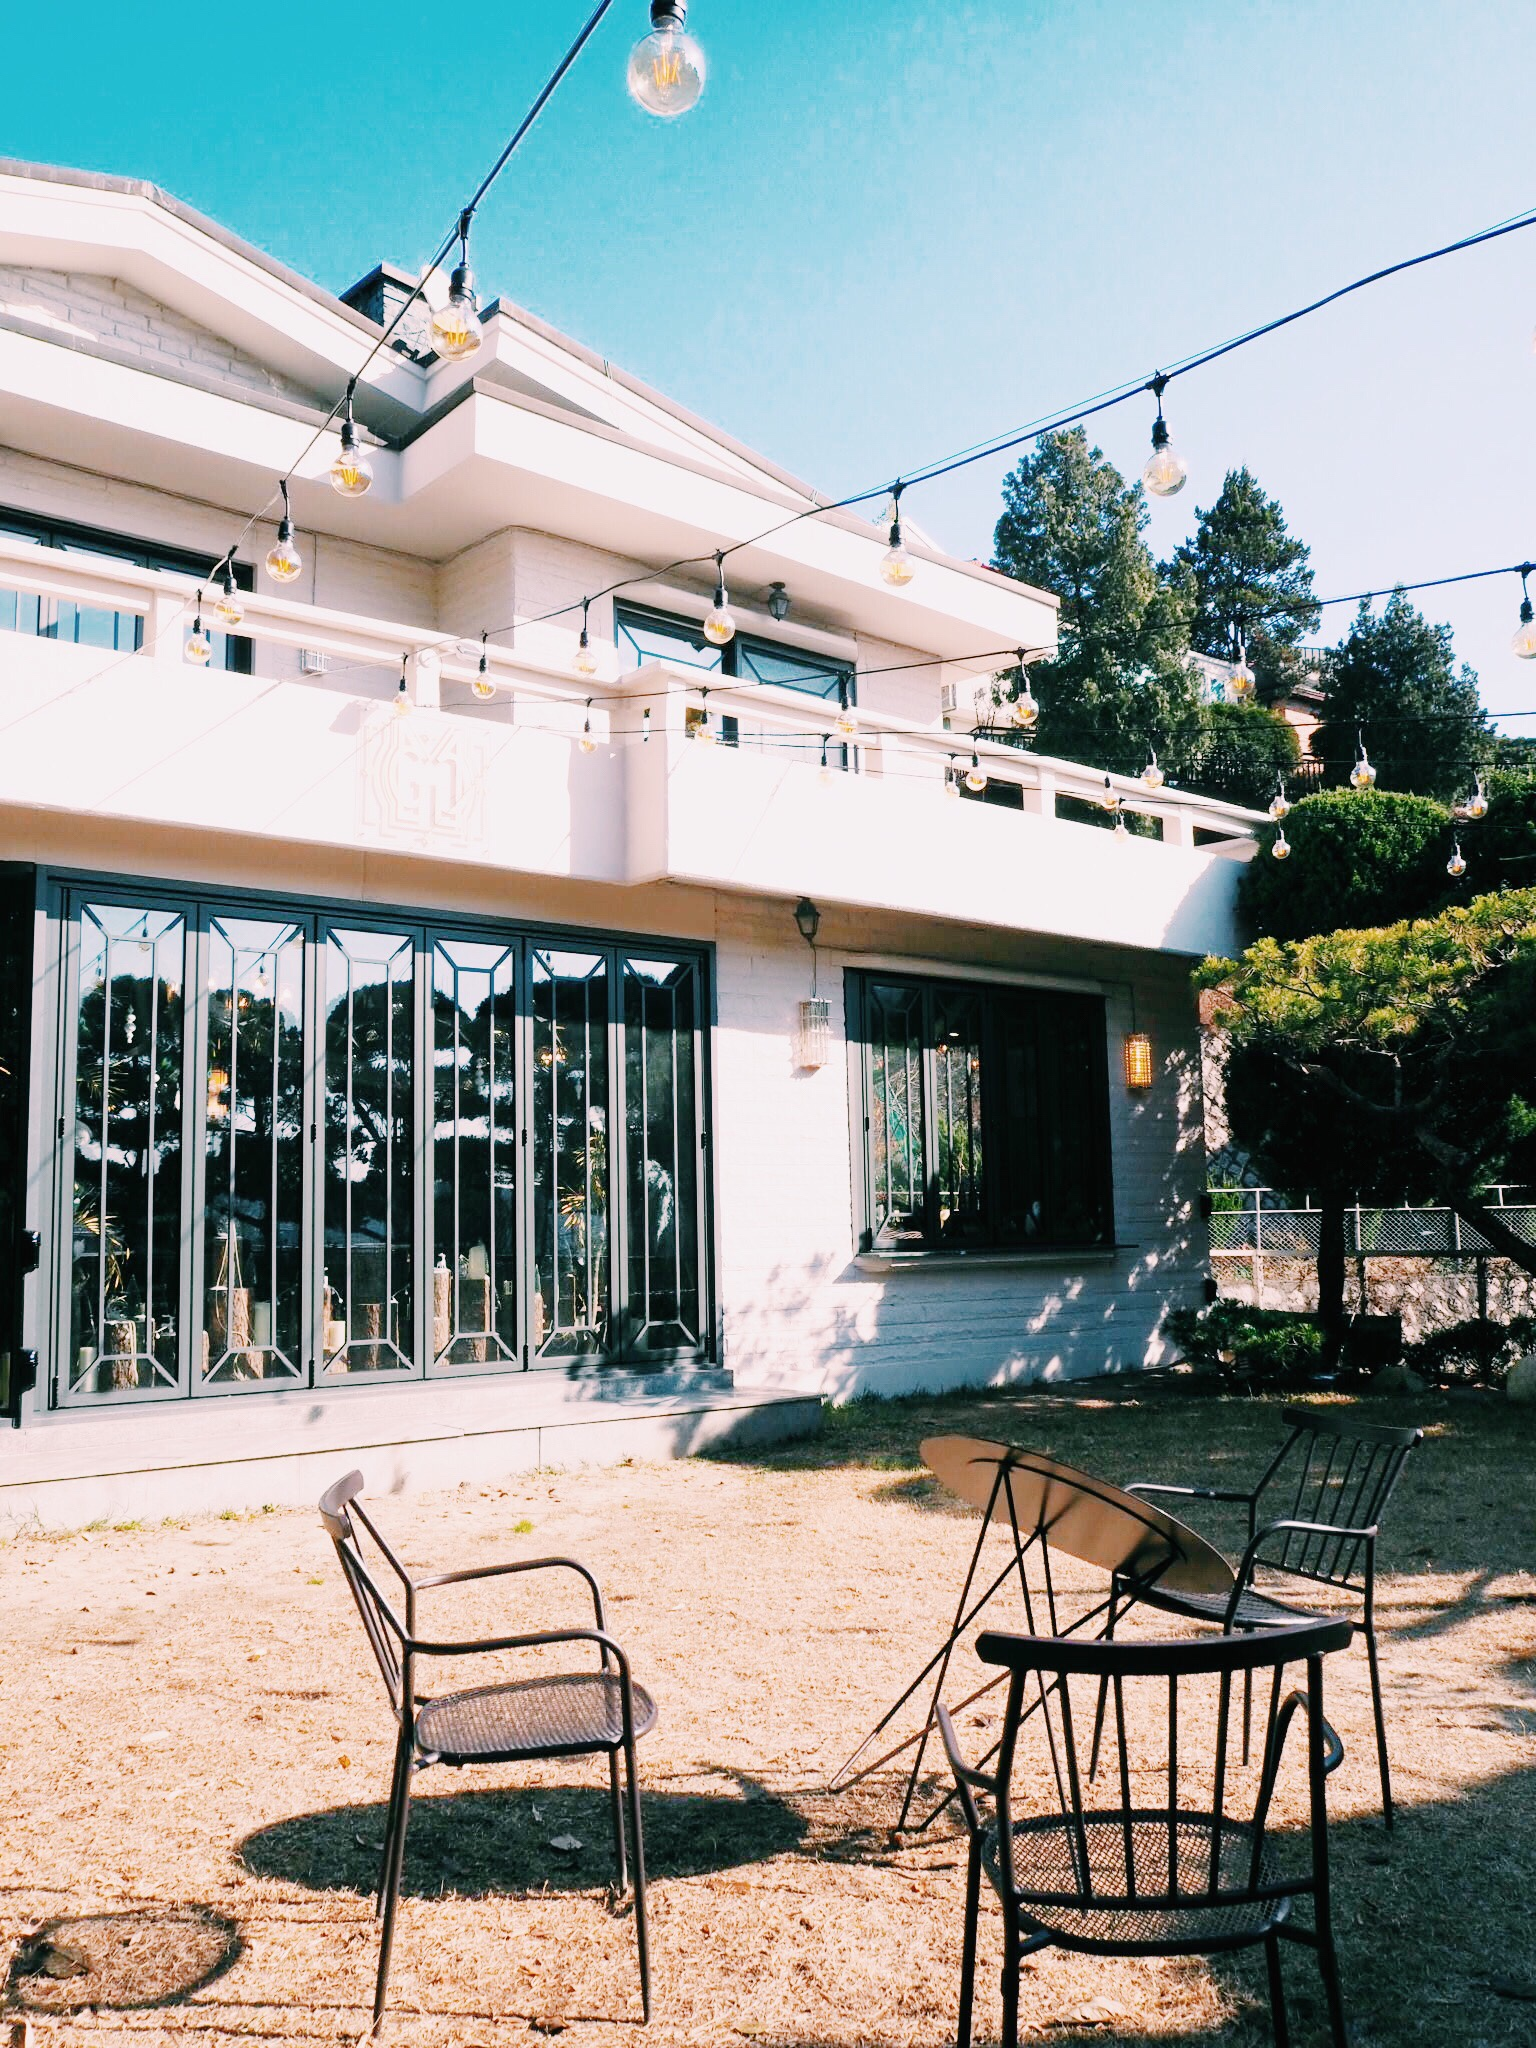 97047639 897d 4d0d a4c1 a8dd25ac5d0e - GRAND MUSE - まるで隠れ家一軒家。韓国ソウルにオープンしたケーキプレートがおしゃれなカフェ